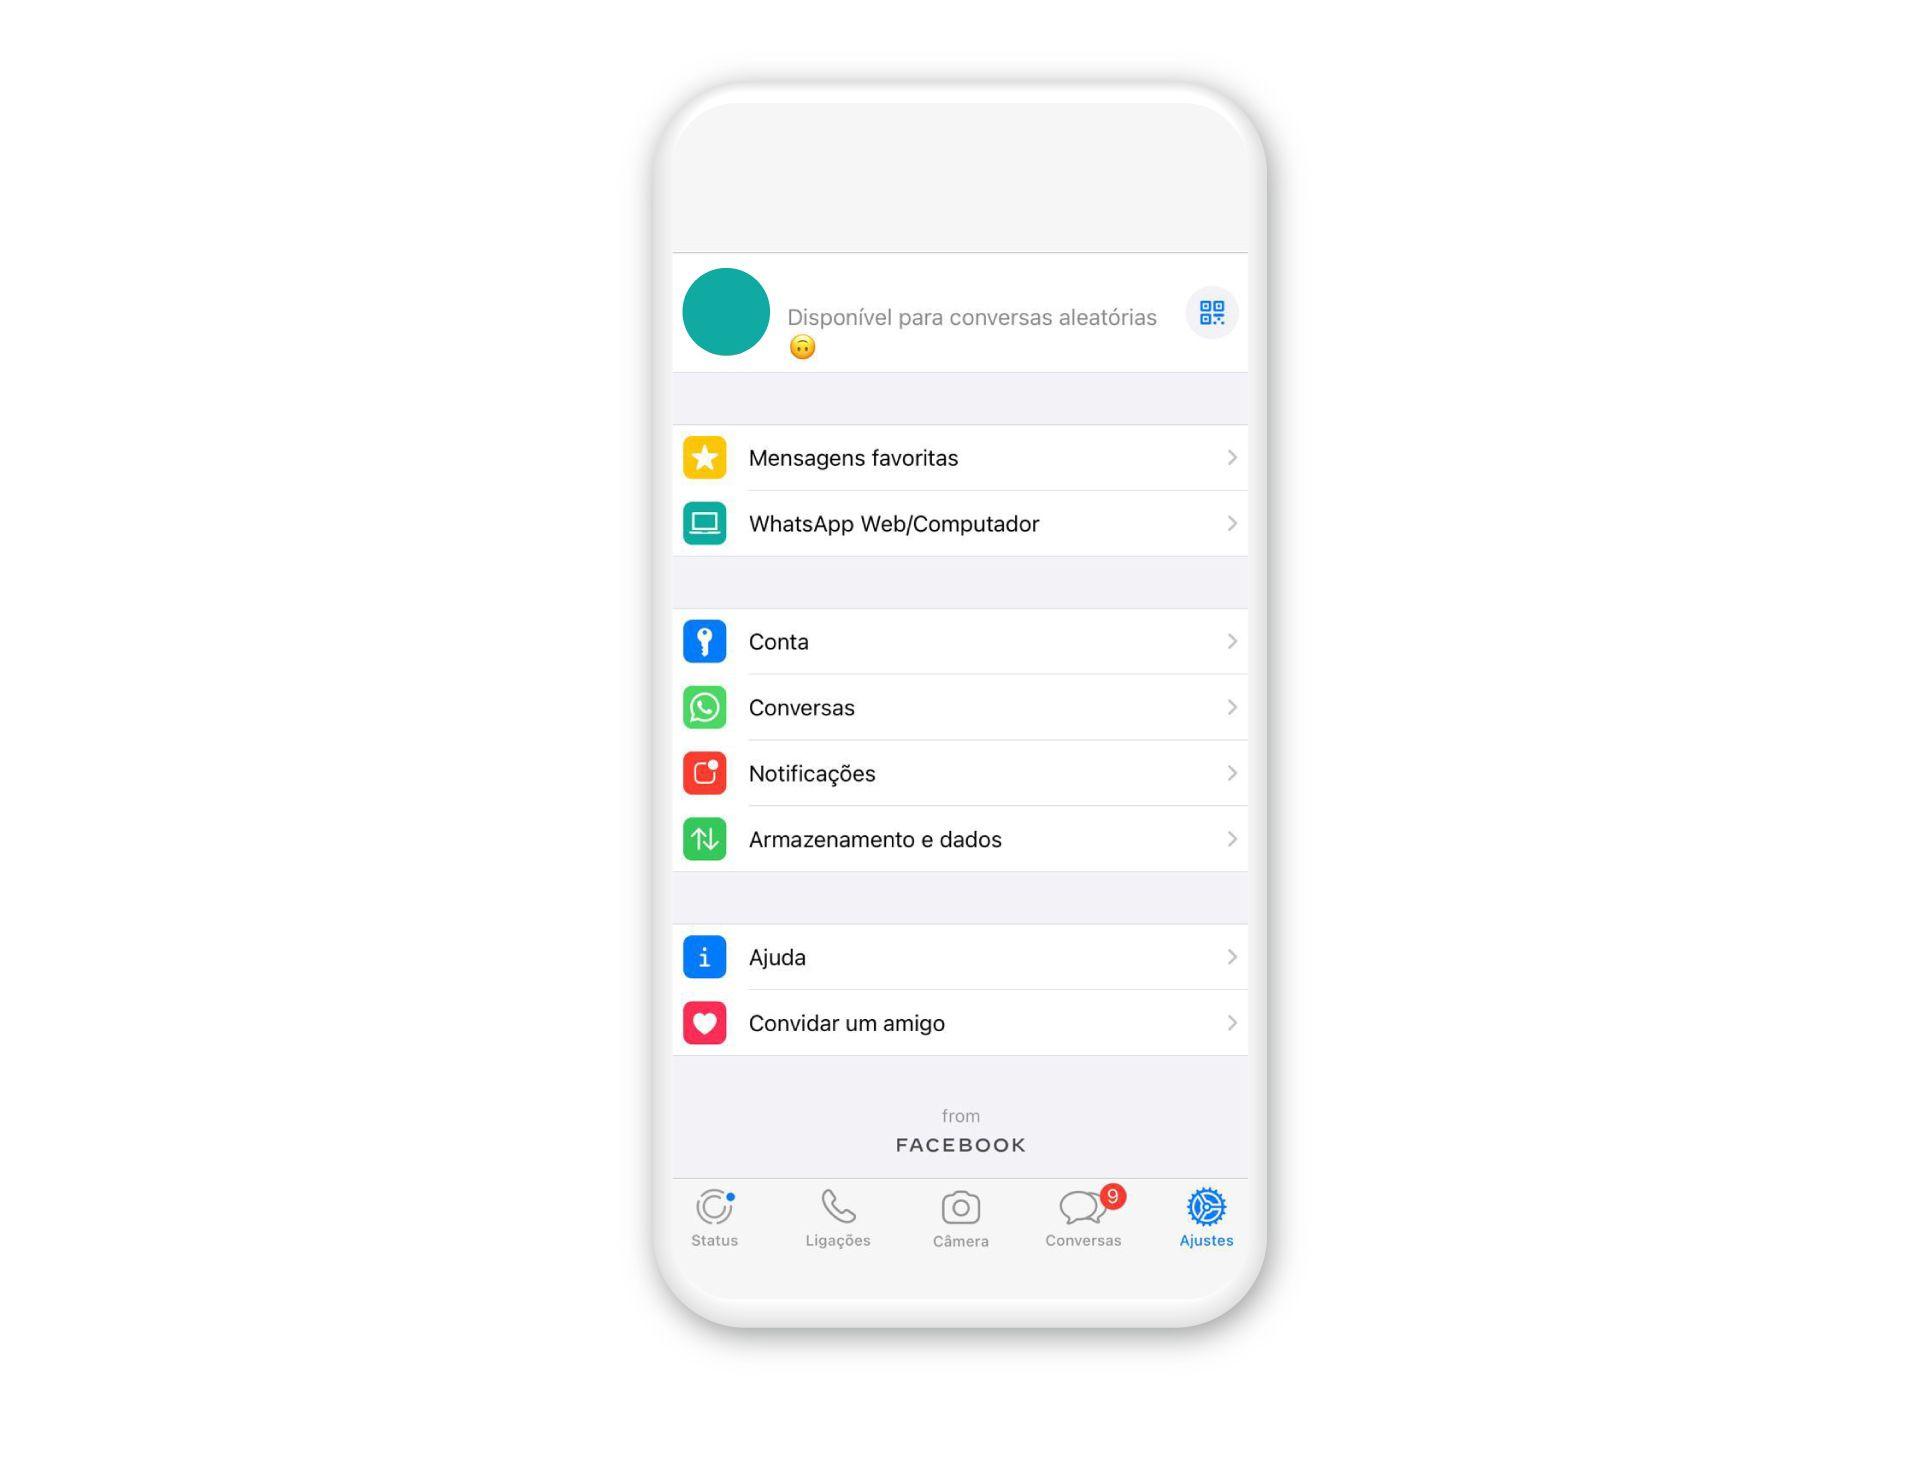 Acesse os ajustes do WhatsApp no seu iPhone (Fonte: Reprodução/Zoom)